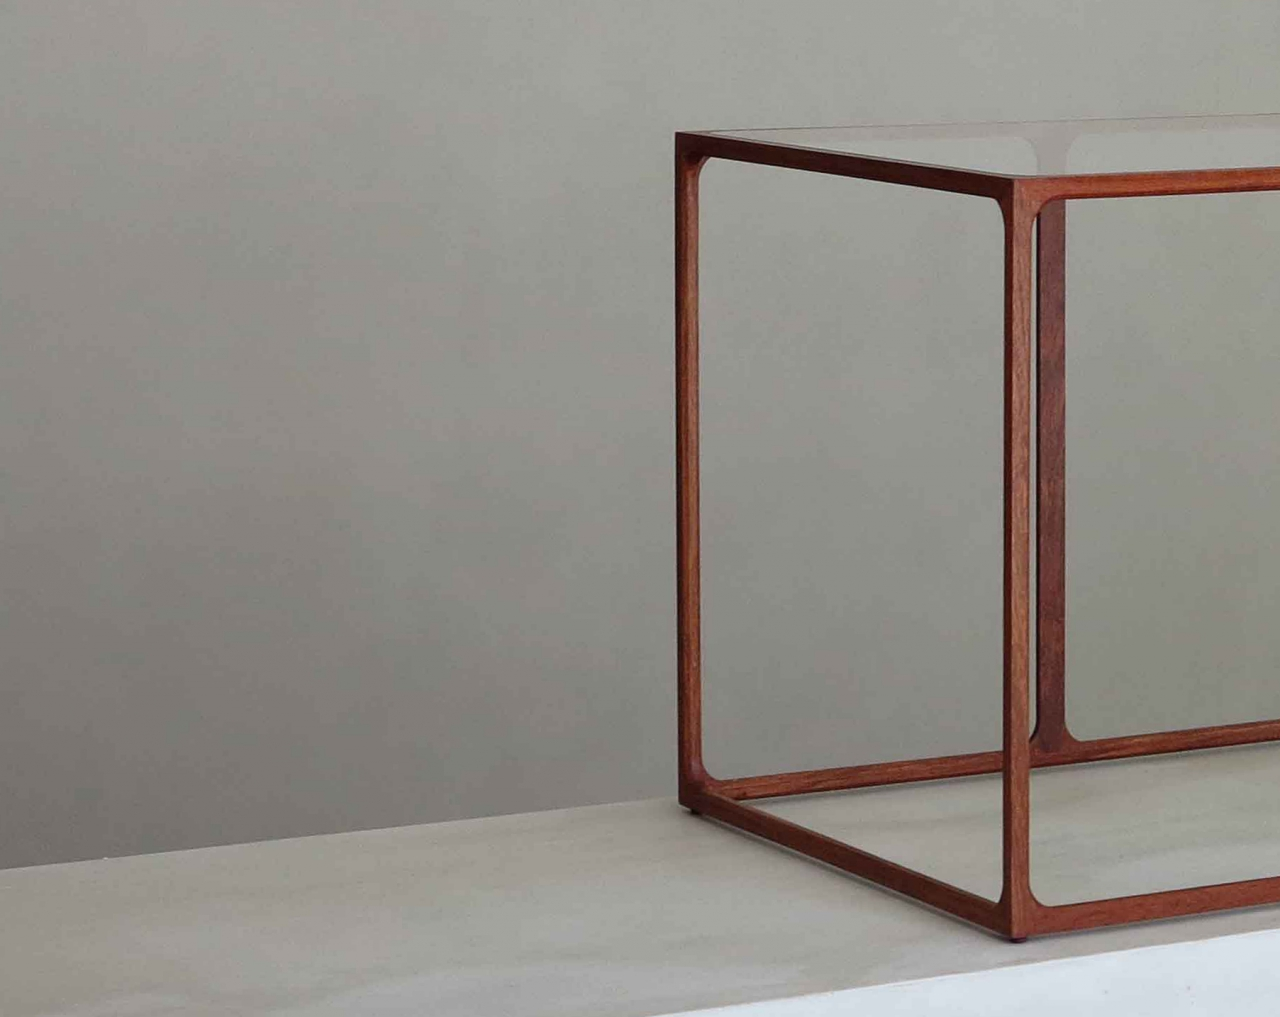 RE F O R M Design Biennale Rasmus Fenhann